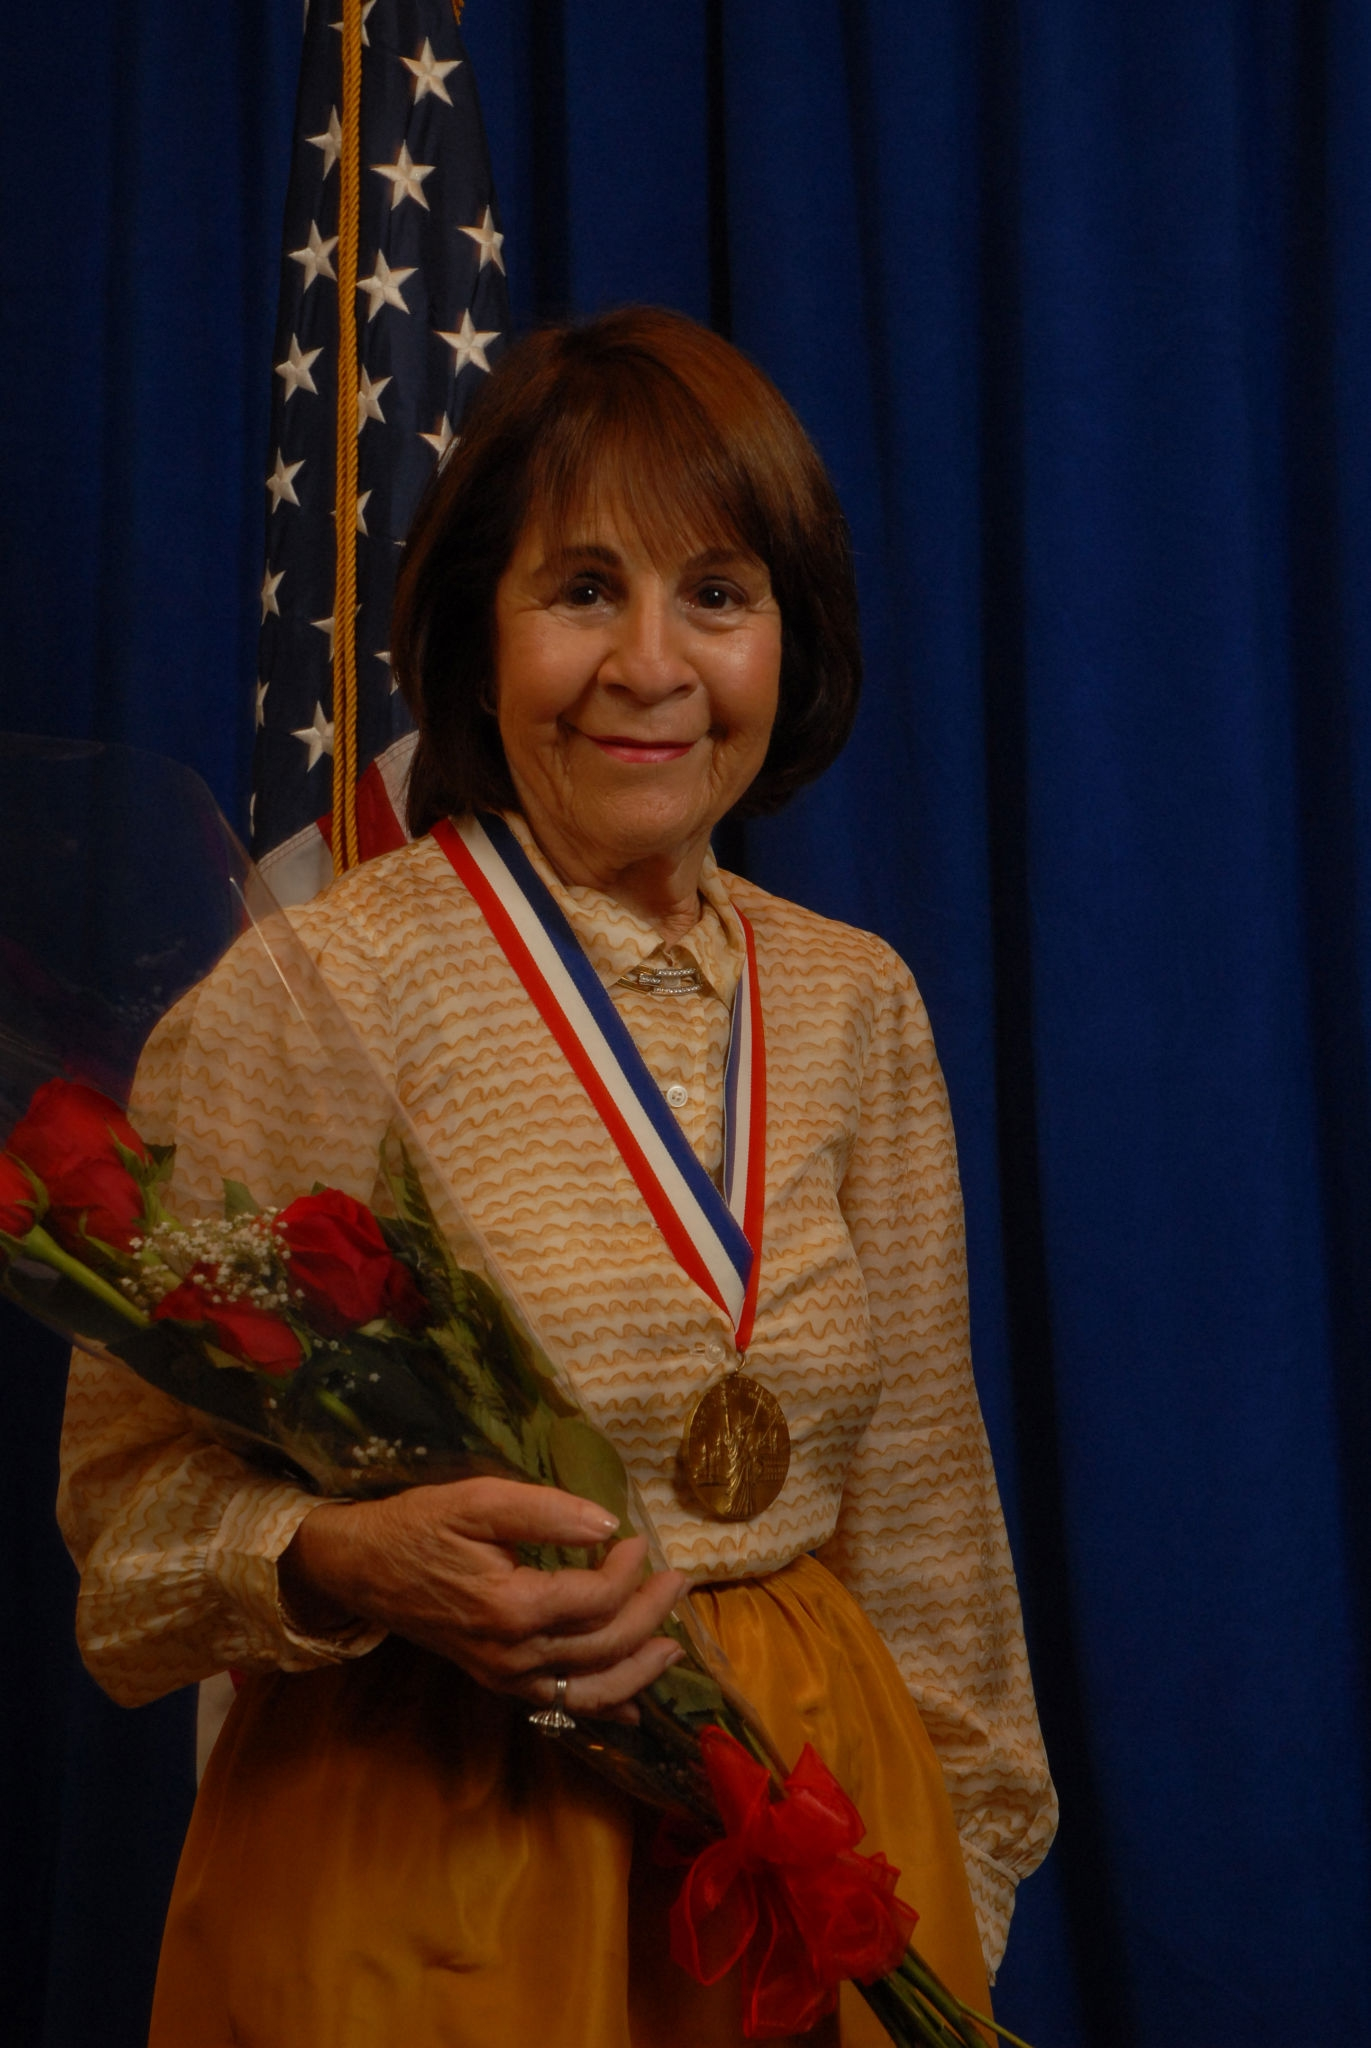 JPS Medal Portrait